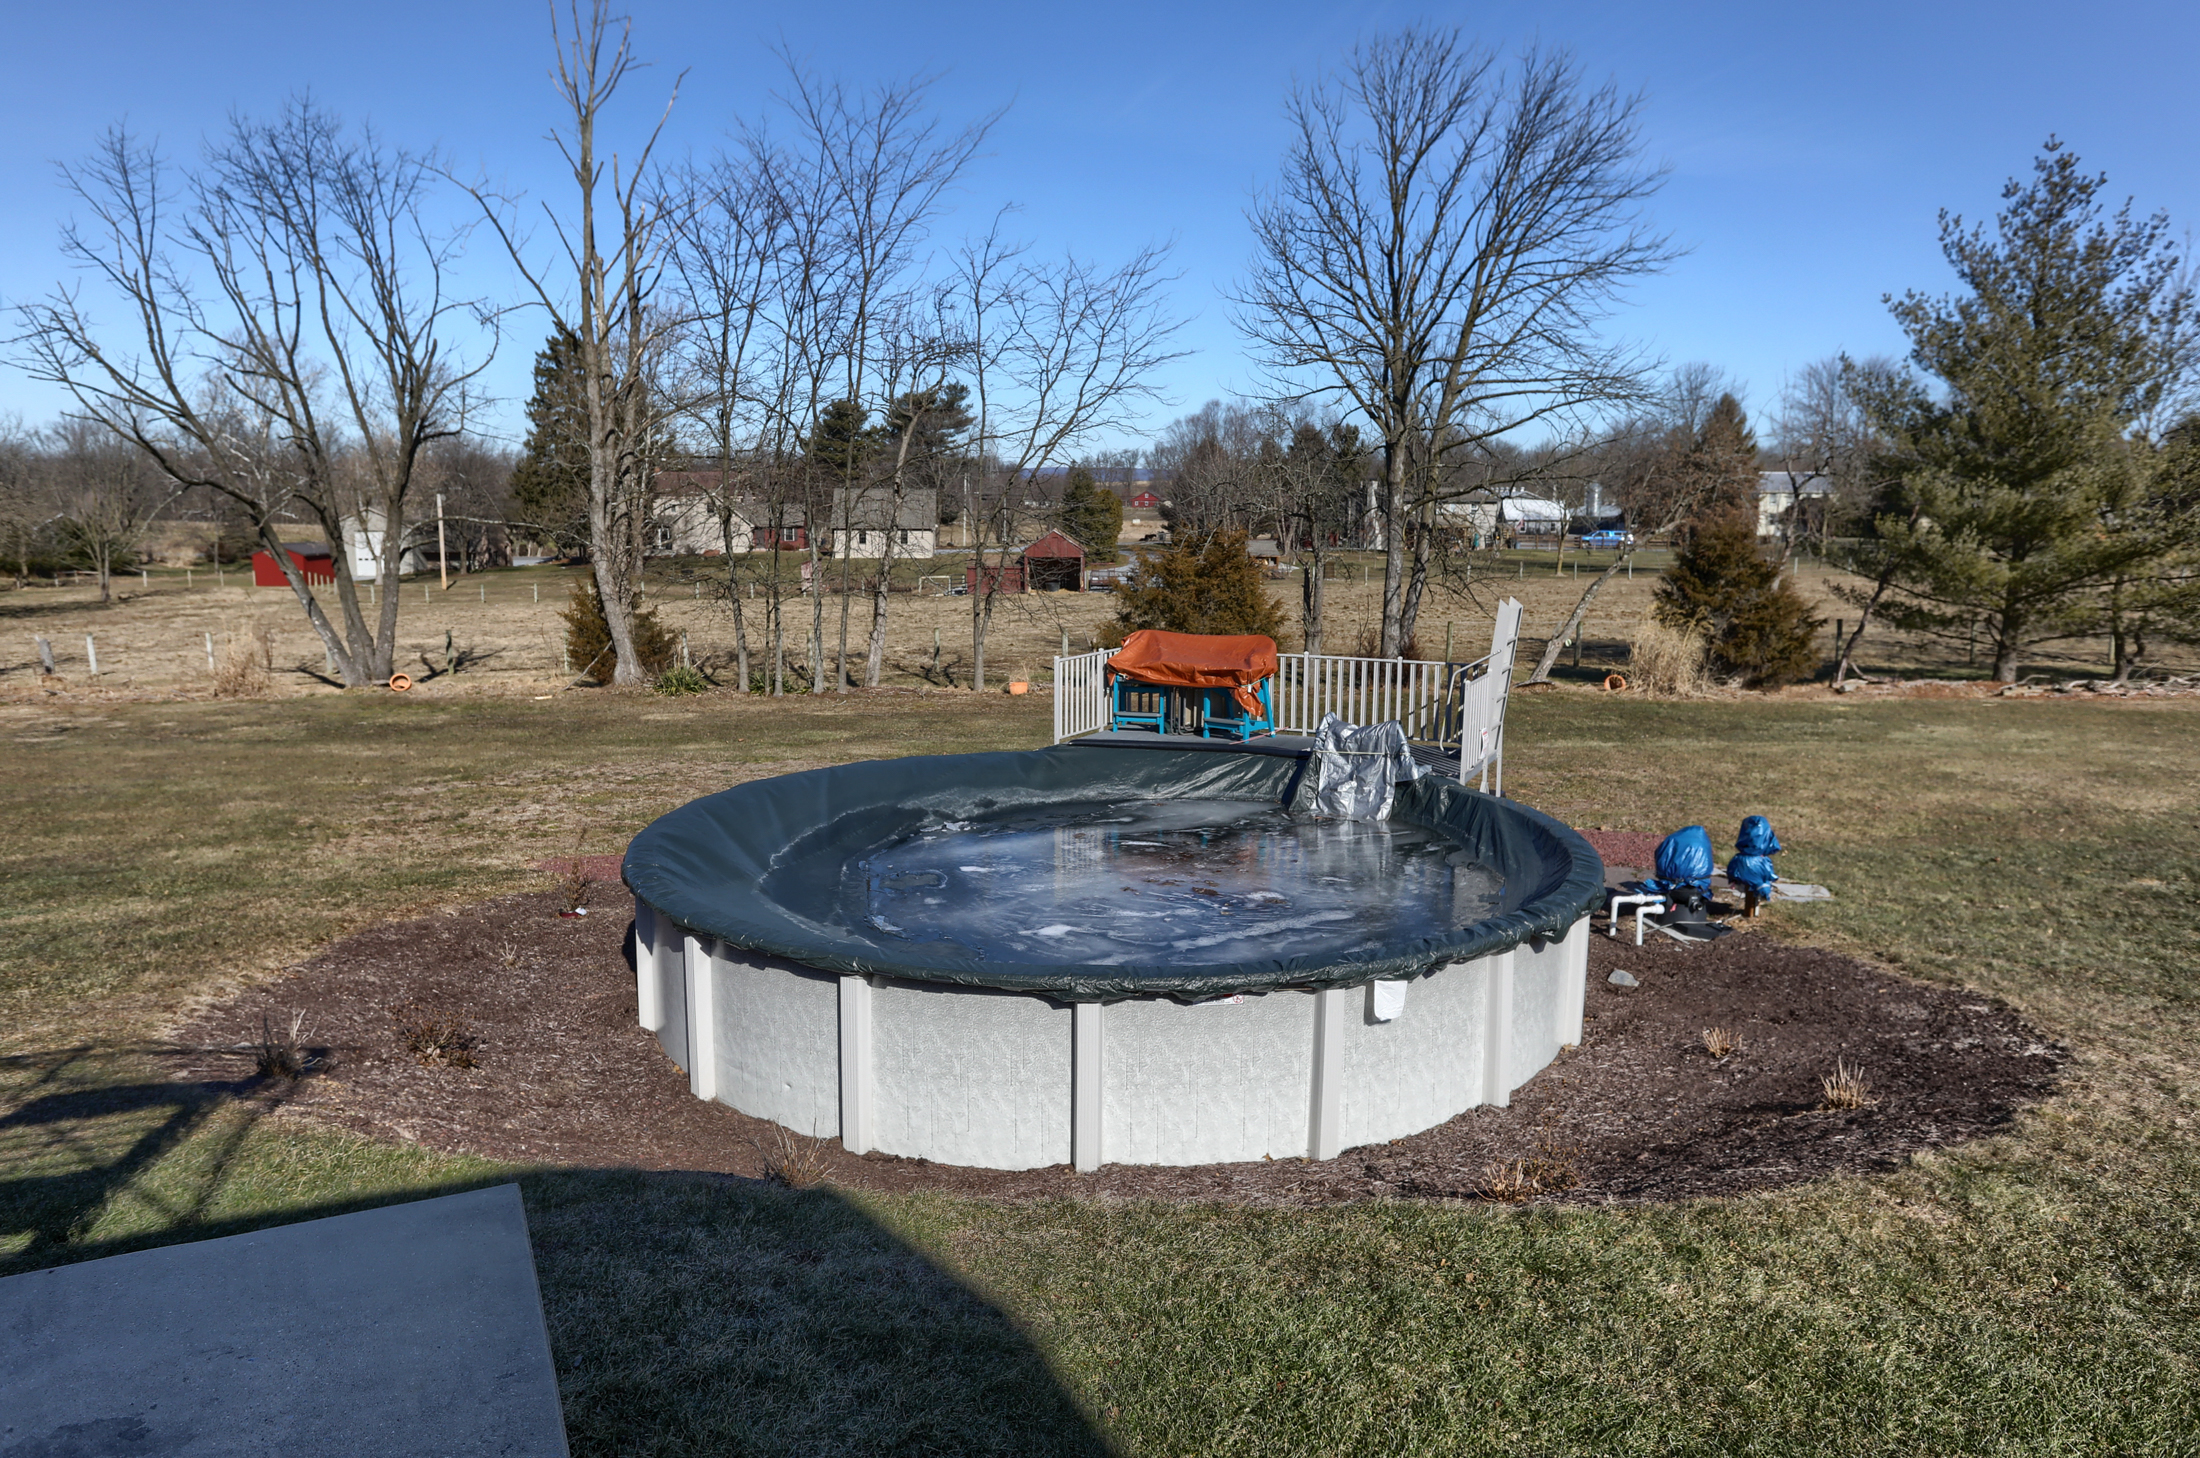 26 W. Strack Drive - pool 2